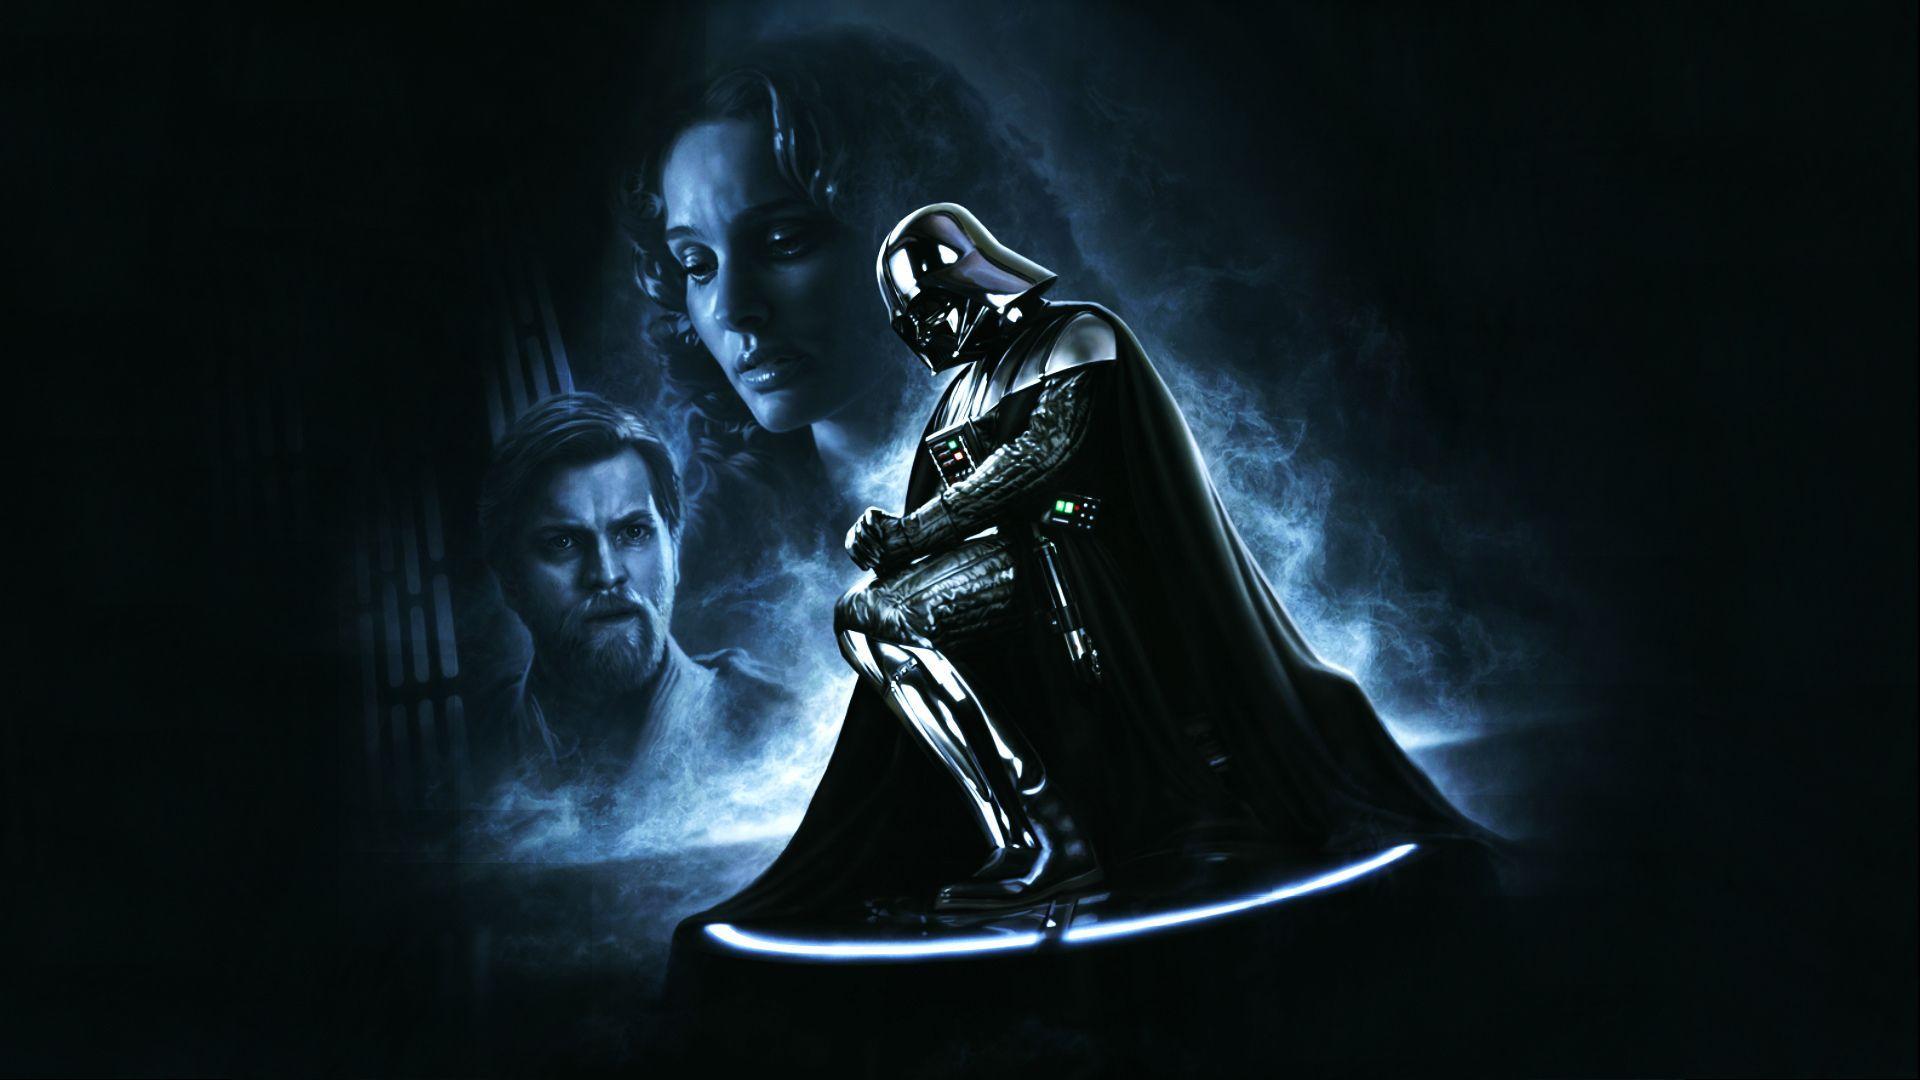 Free Download Darth Vader Backgrounds 4k Download 1920x1080 For Your Desktop Mobile Tablet Explore 76 Darth Vader Background Darth Vader Wallpaper Darth Vader Background Cool Darth Vader Wallpapers